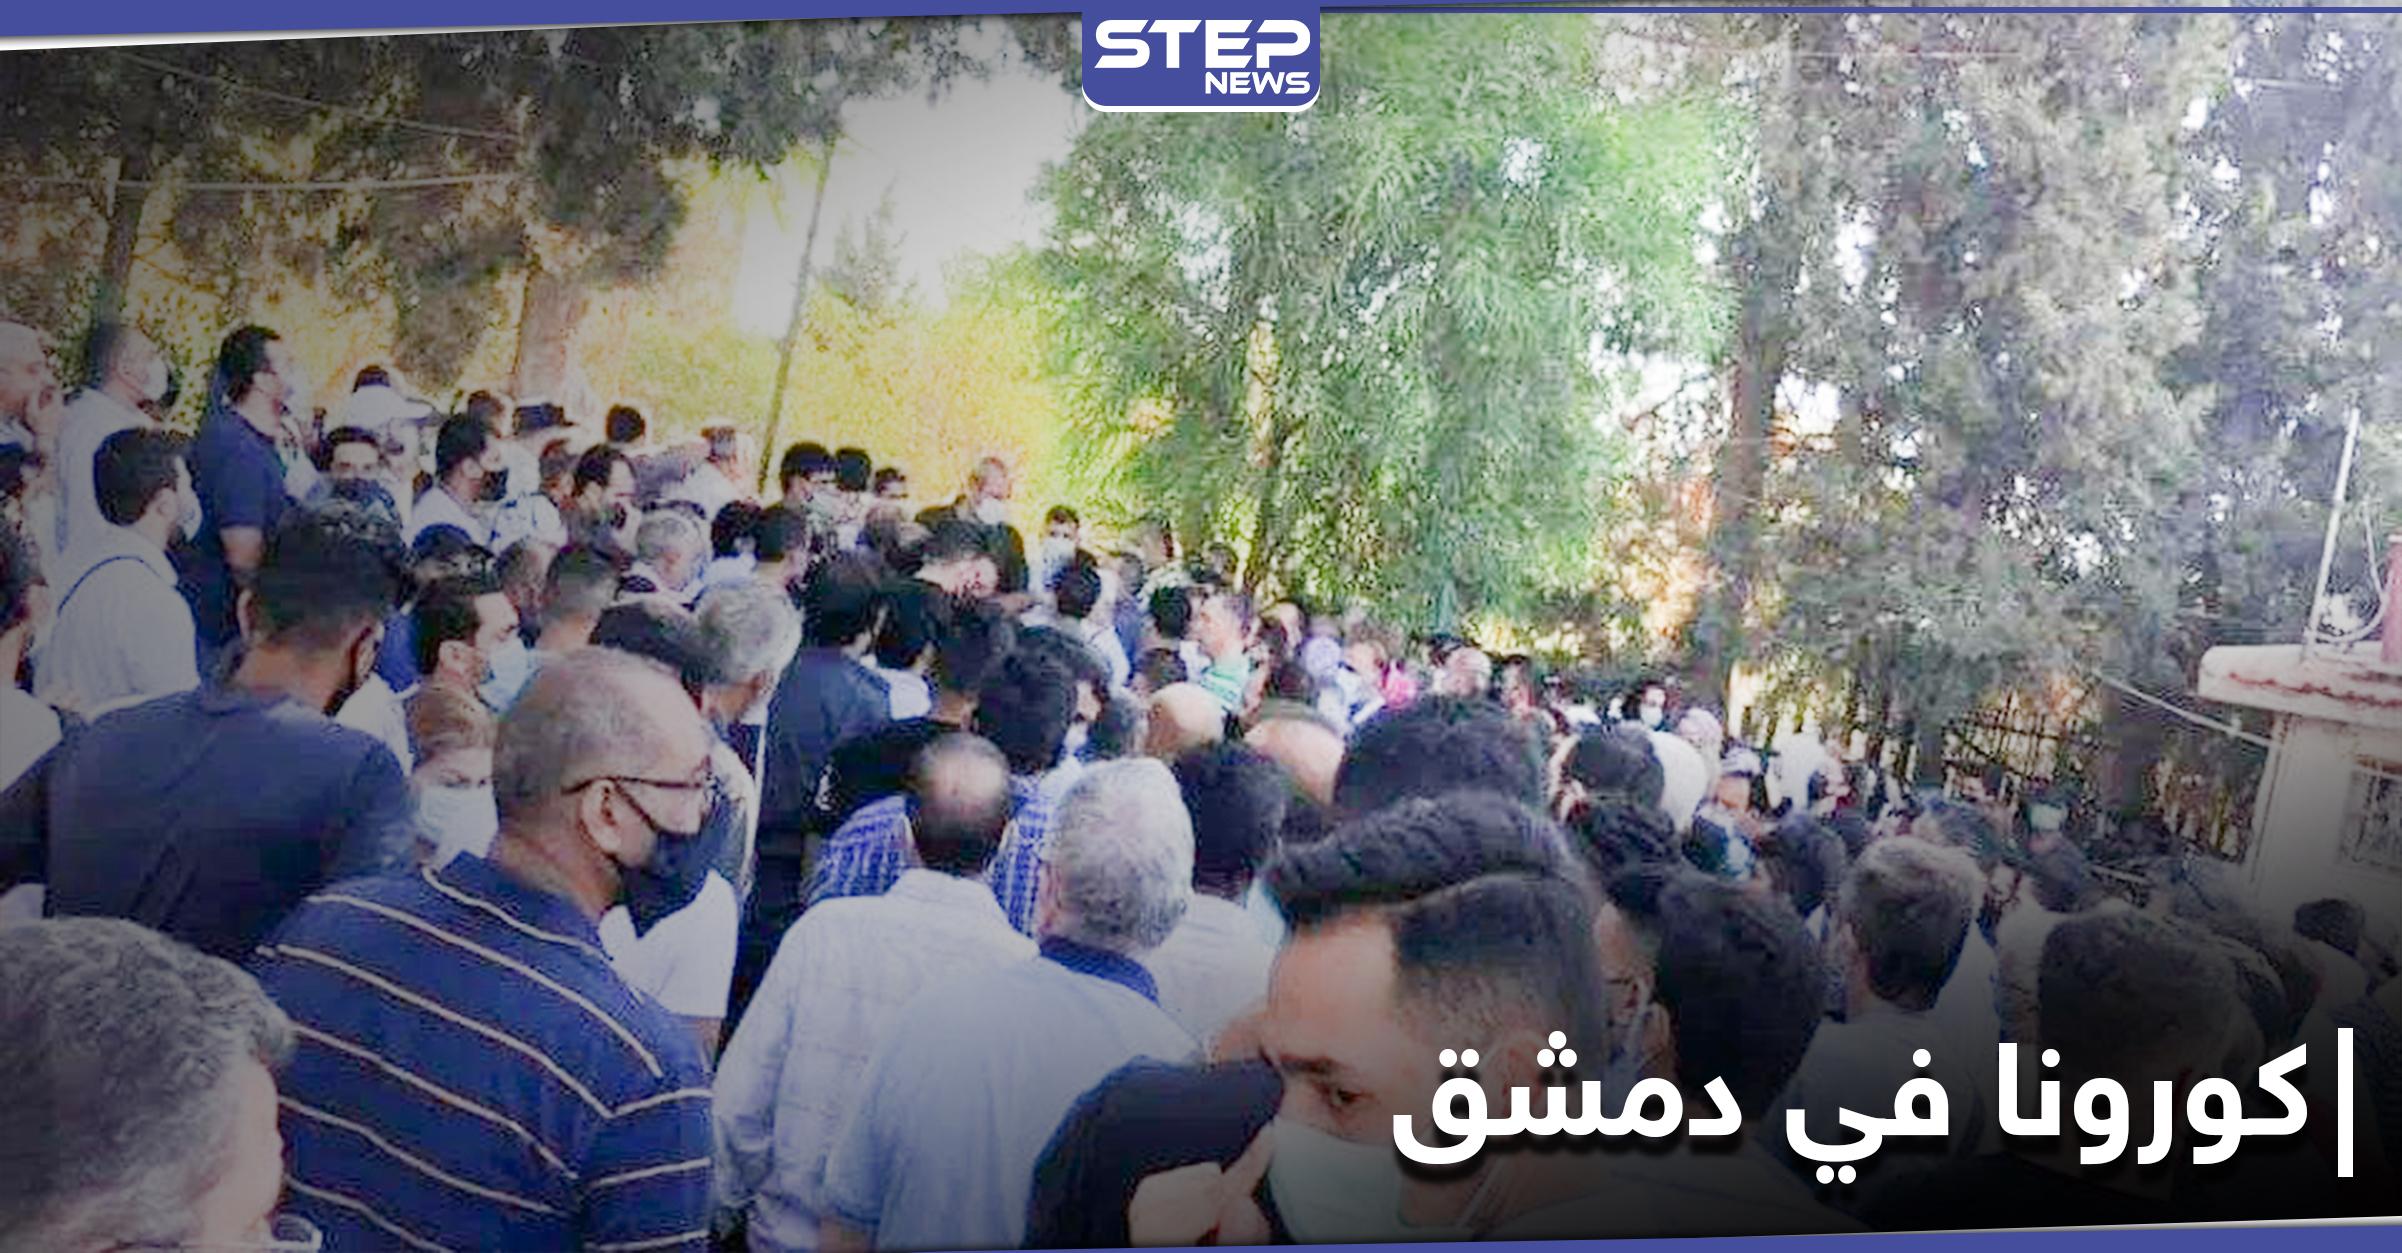 بالفيديو|| غضب عارم للأهالي .. ومصادر تكشف عن ارتفاع عدد ضحايا كورونا في دمشق وريفها